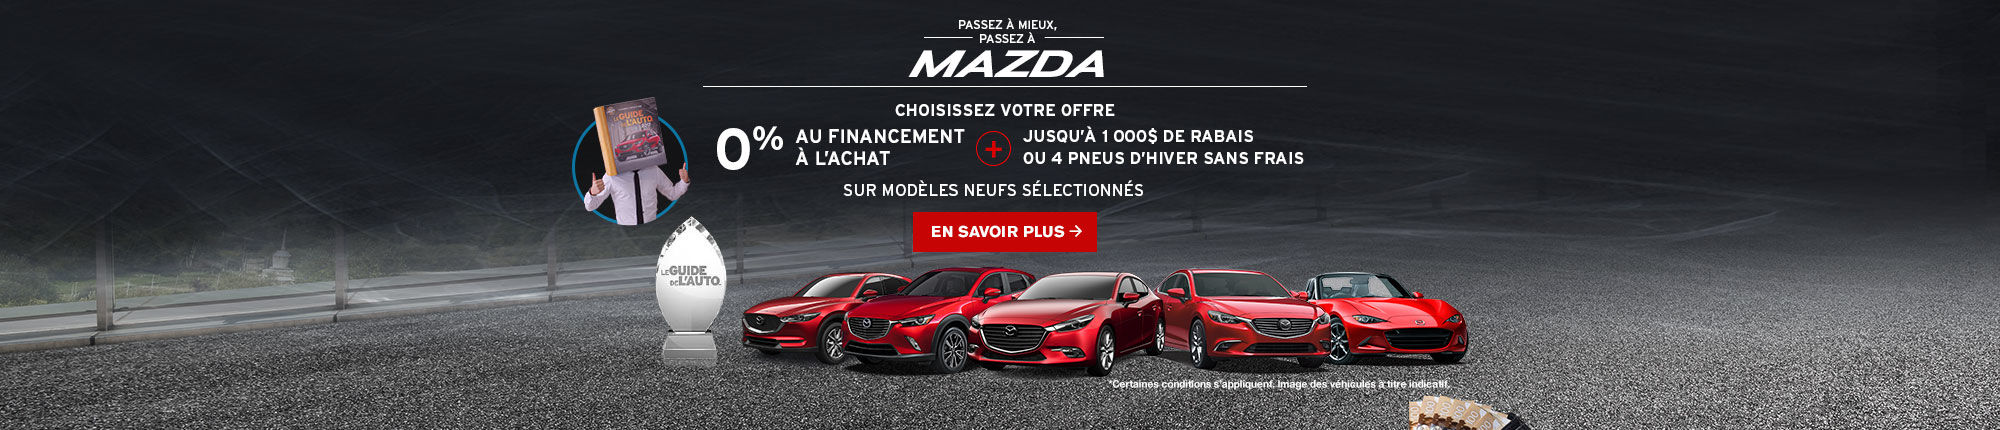 Passez à Mazda